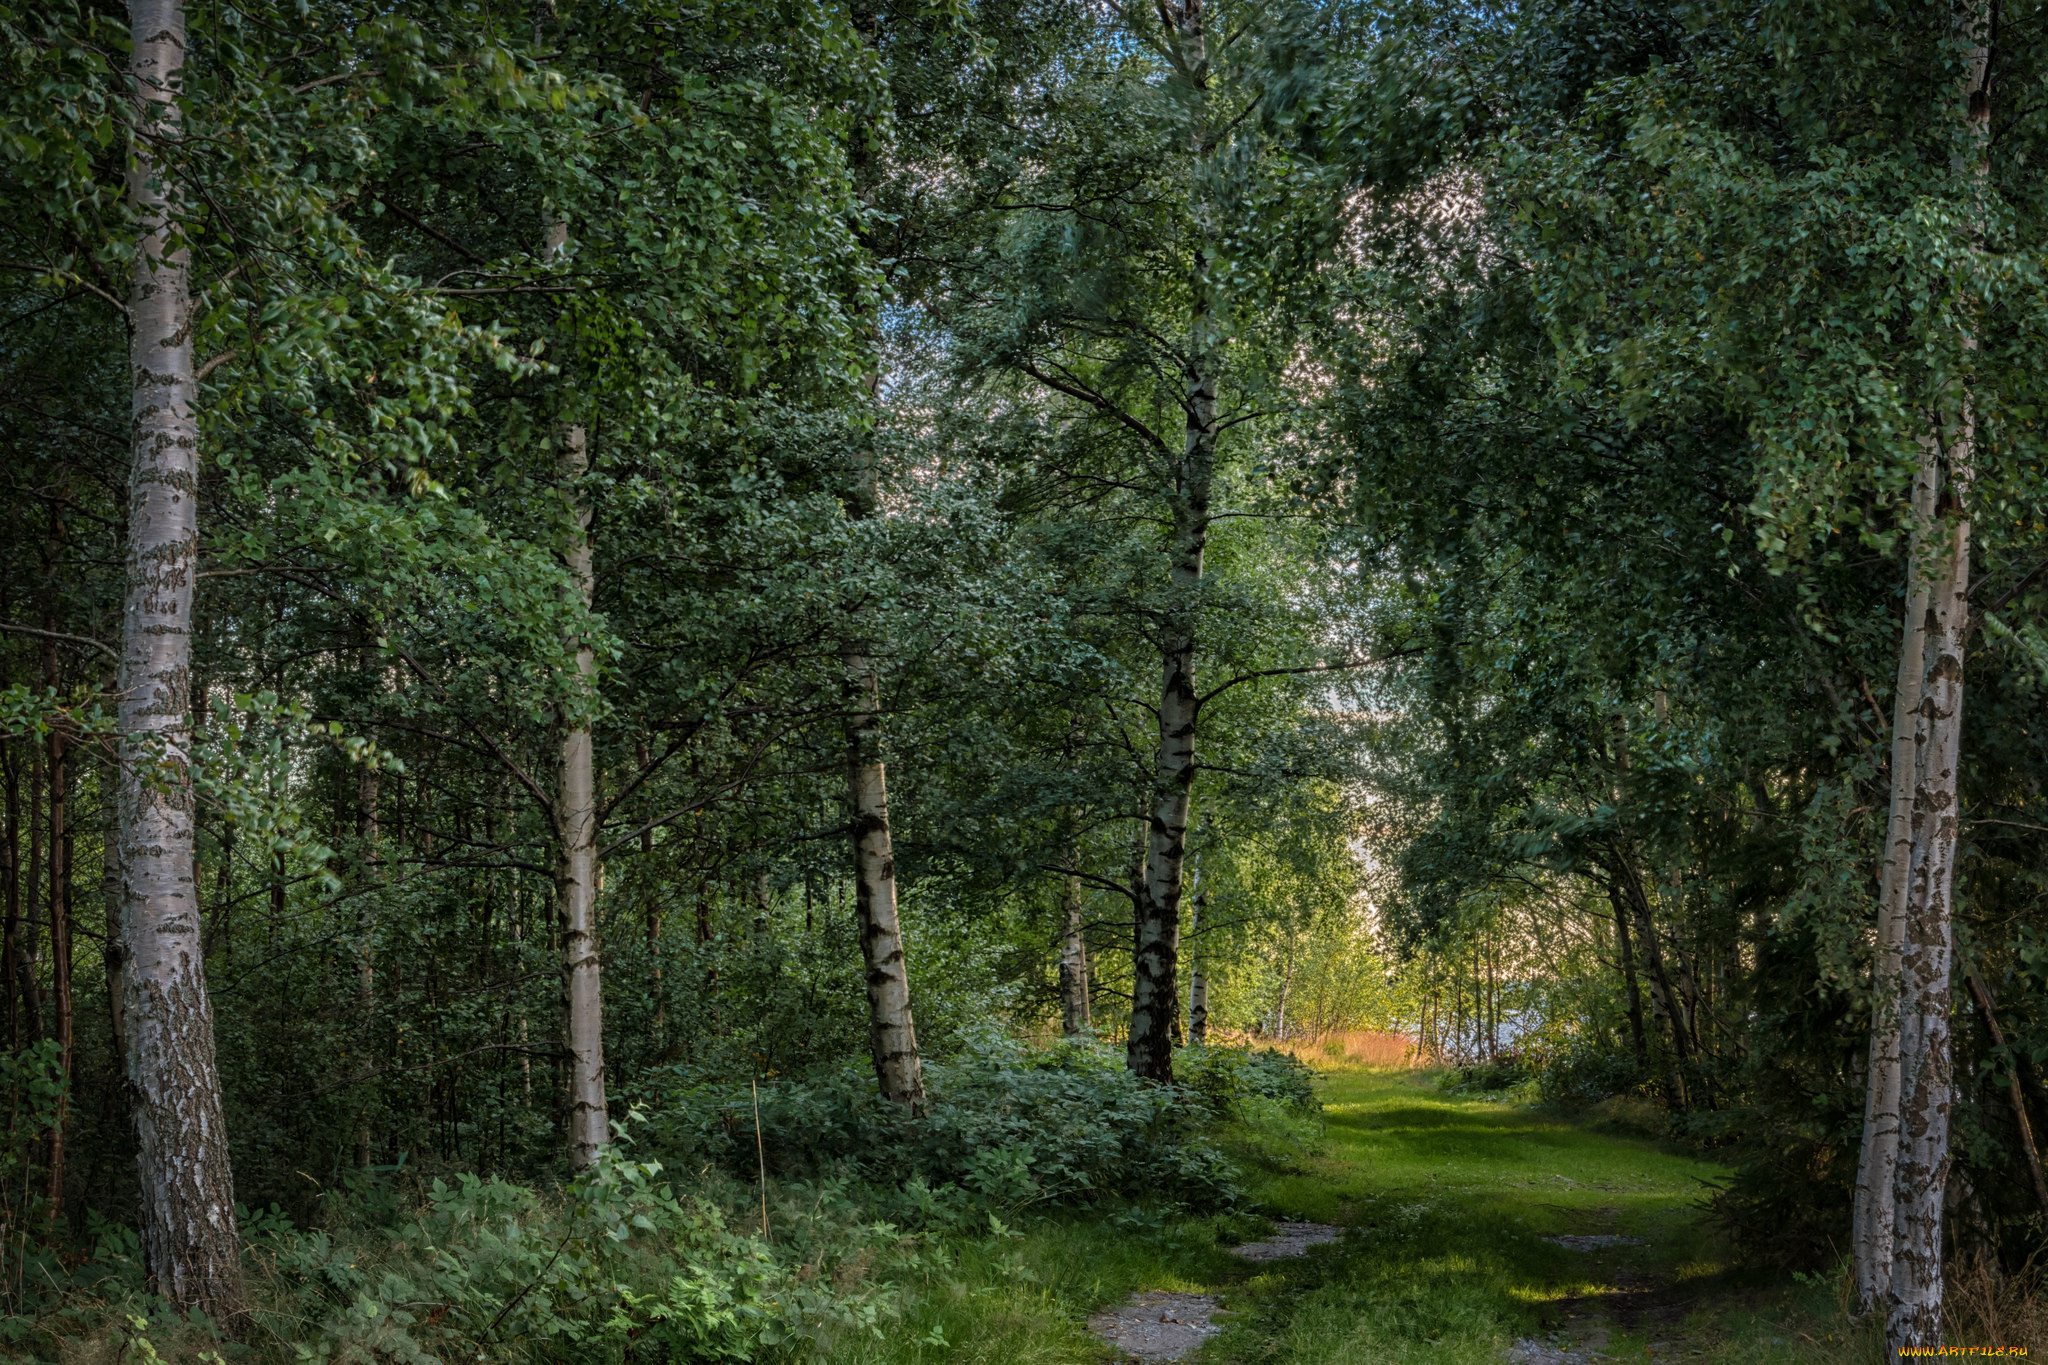 картинки лесные просторы название слышал каждый